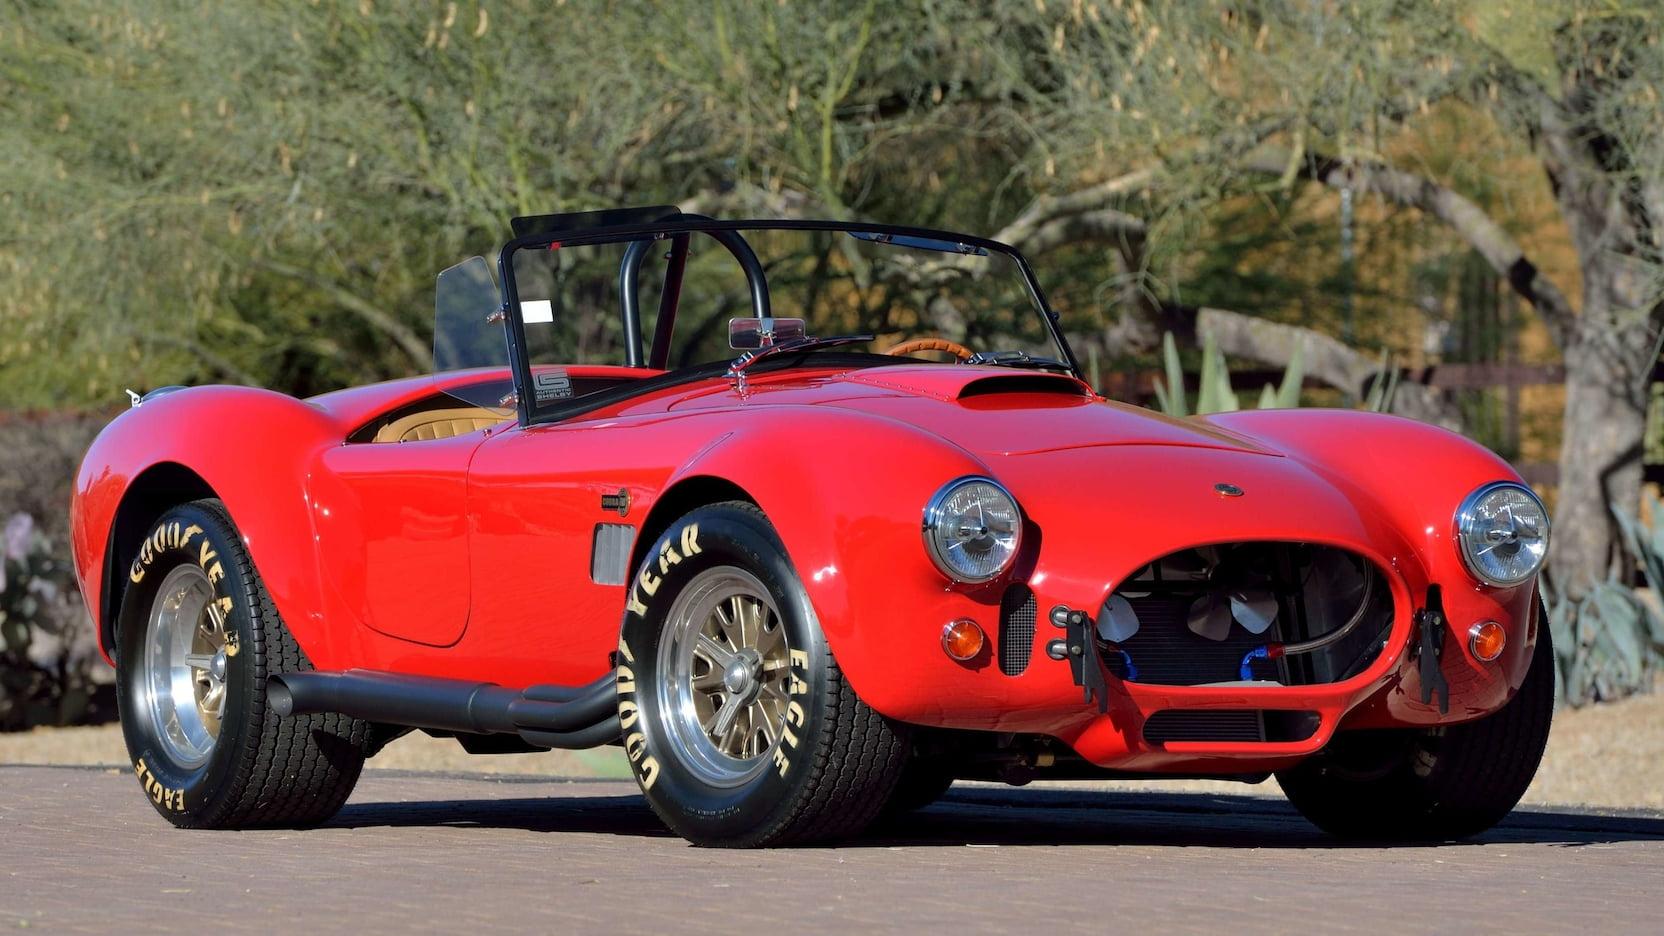 El Shelby 427 Cobra FAM es el deportivo estadounidense que se ríe de los Ferrari